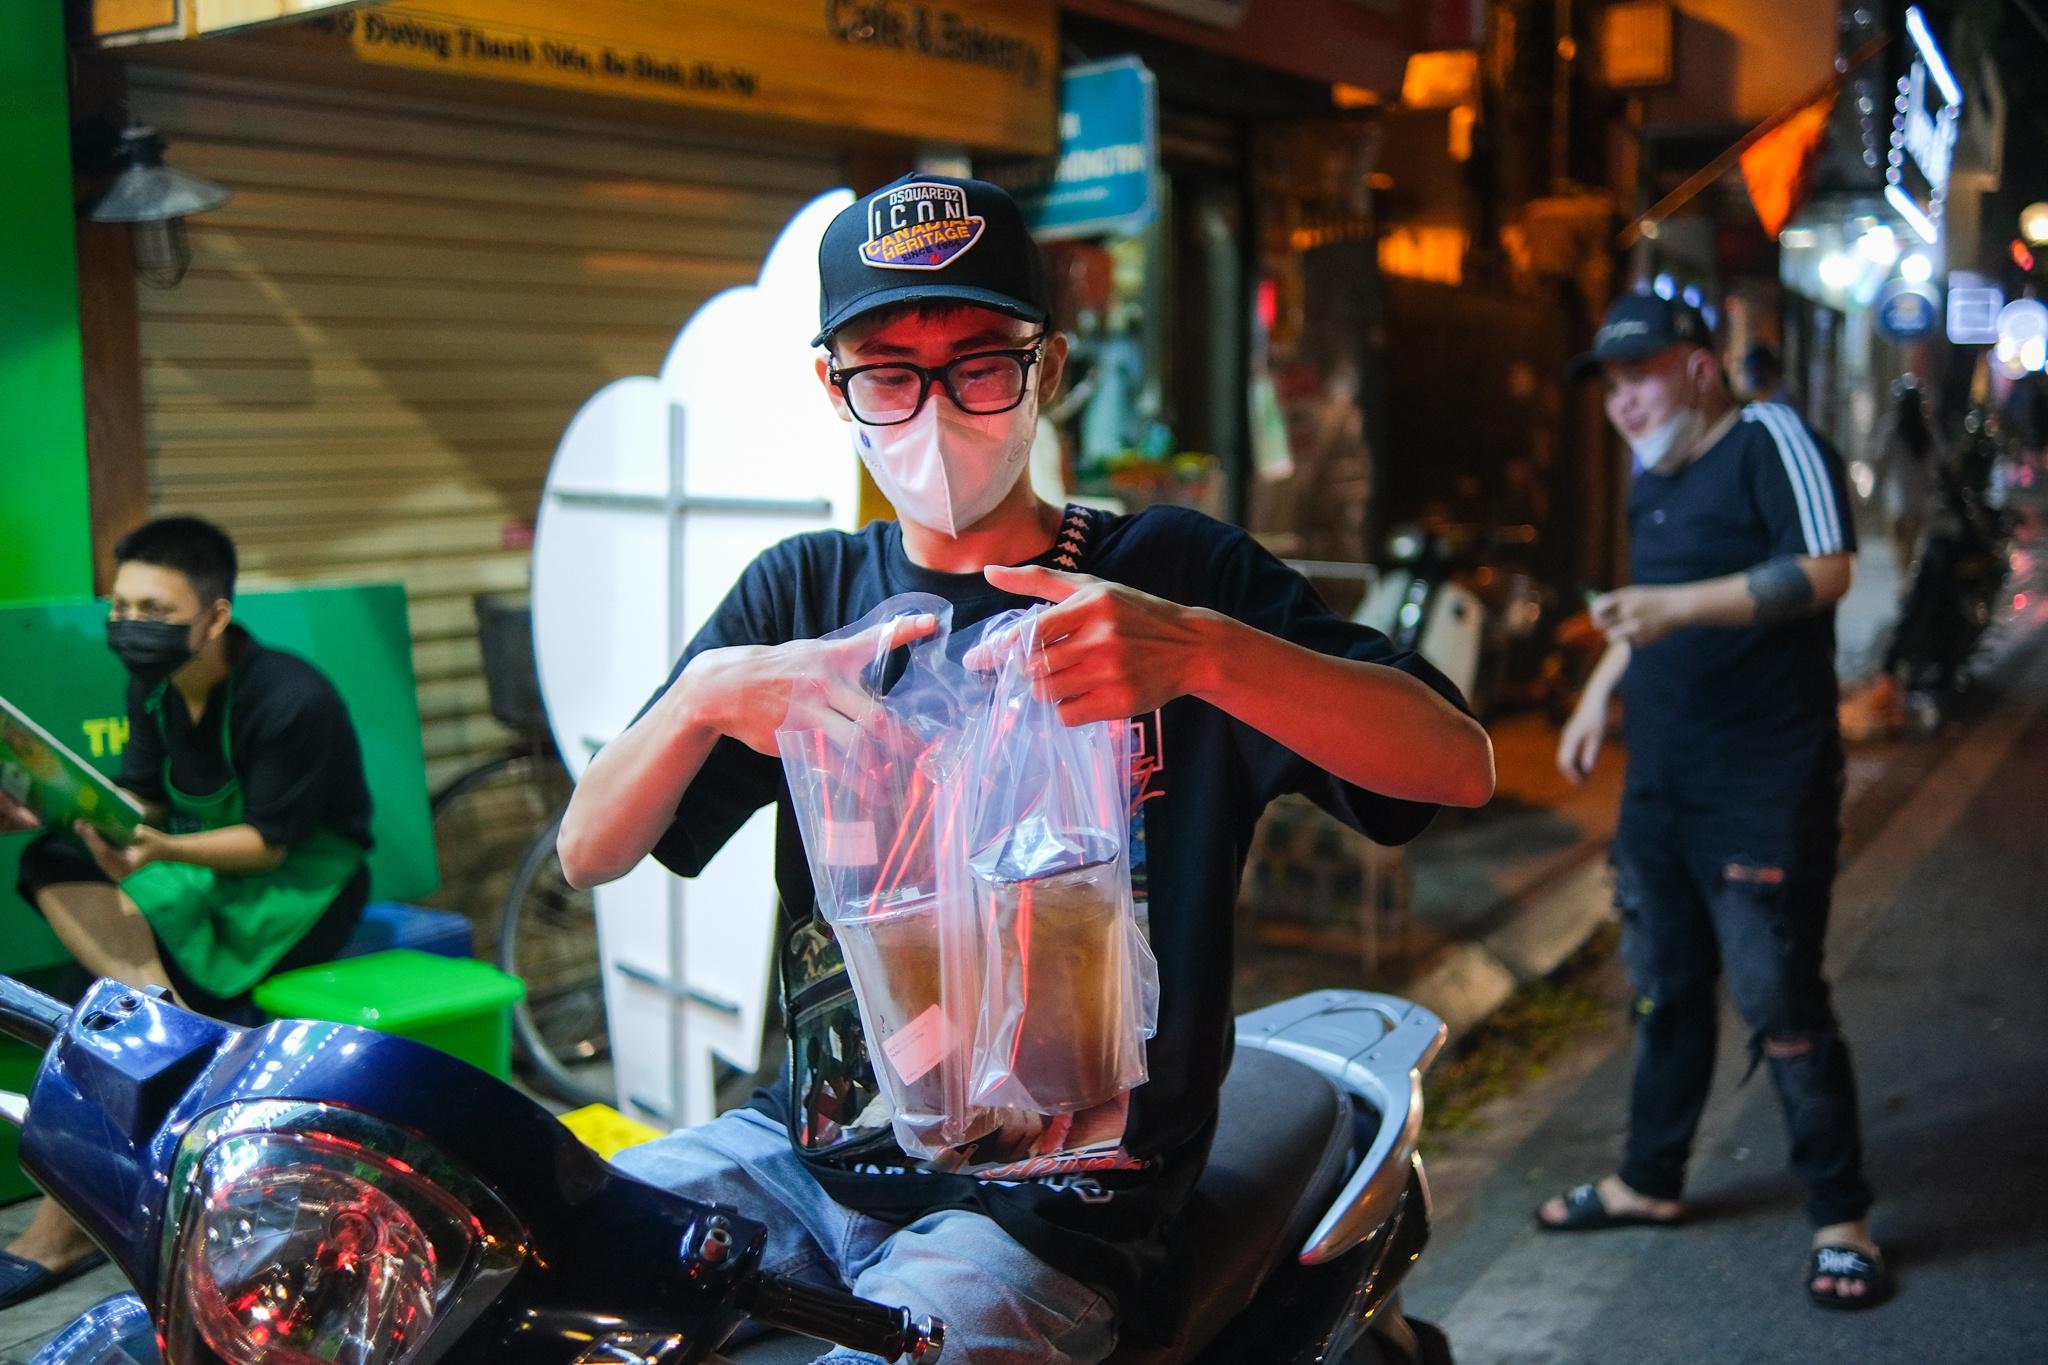 Bán mang về 1.000 cốc trà bí đao mỗi ngày ở Hà Nội - ảnh 1